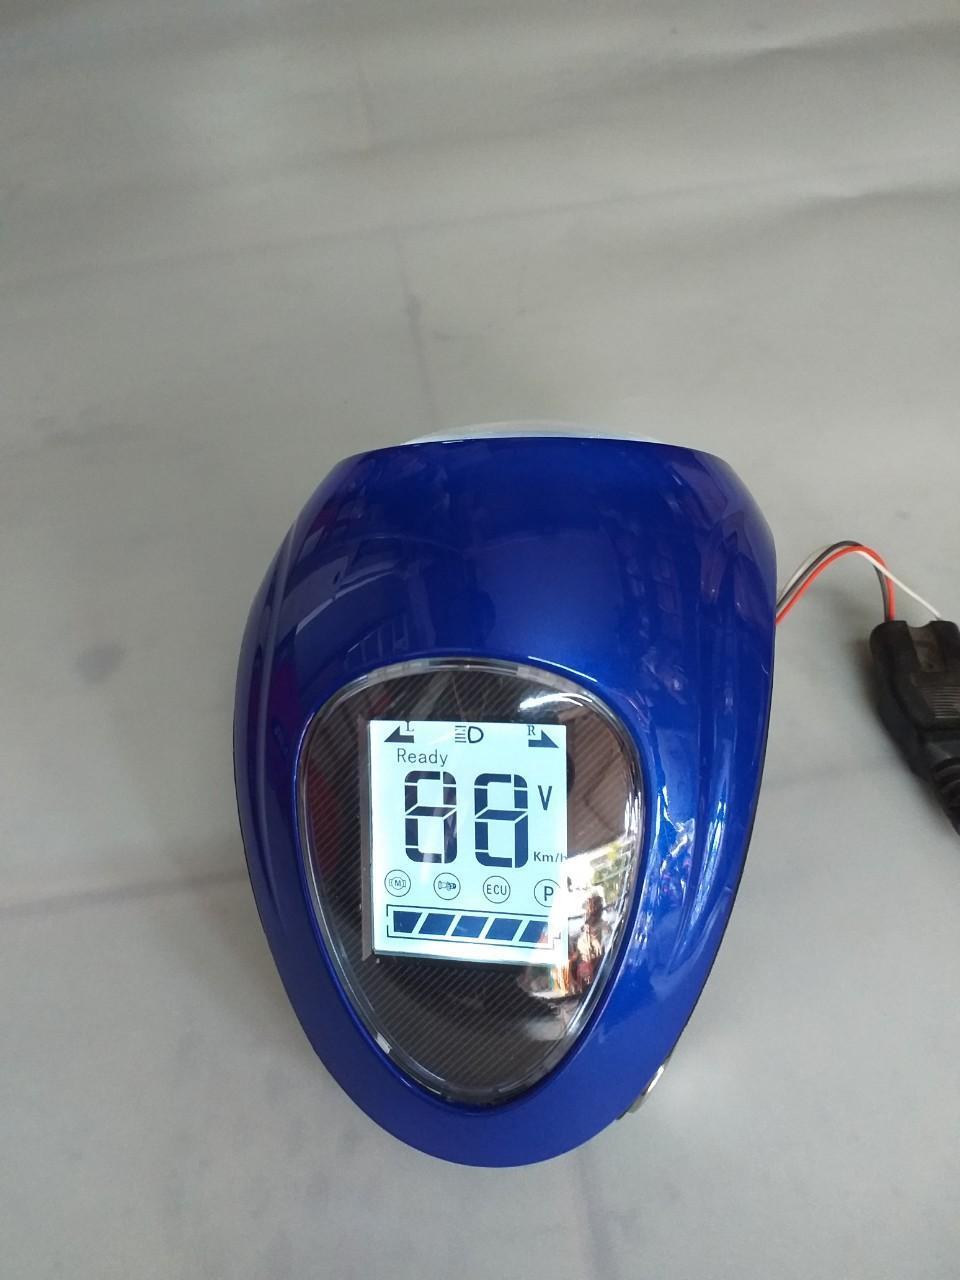 Mua đầu đèn LCD xe đạp điện giá tốt- dau den - đầu đèn báo tốc hiển thị led- đầu đèn xe điện kiểu mới